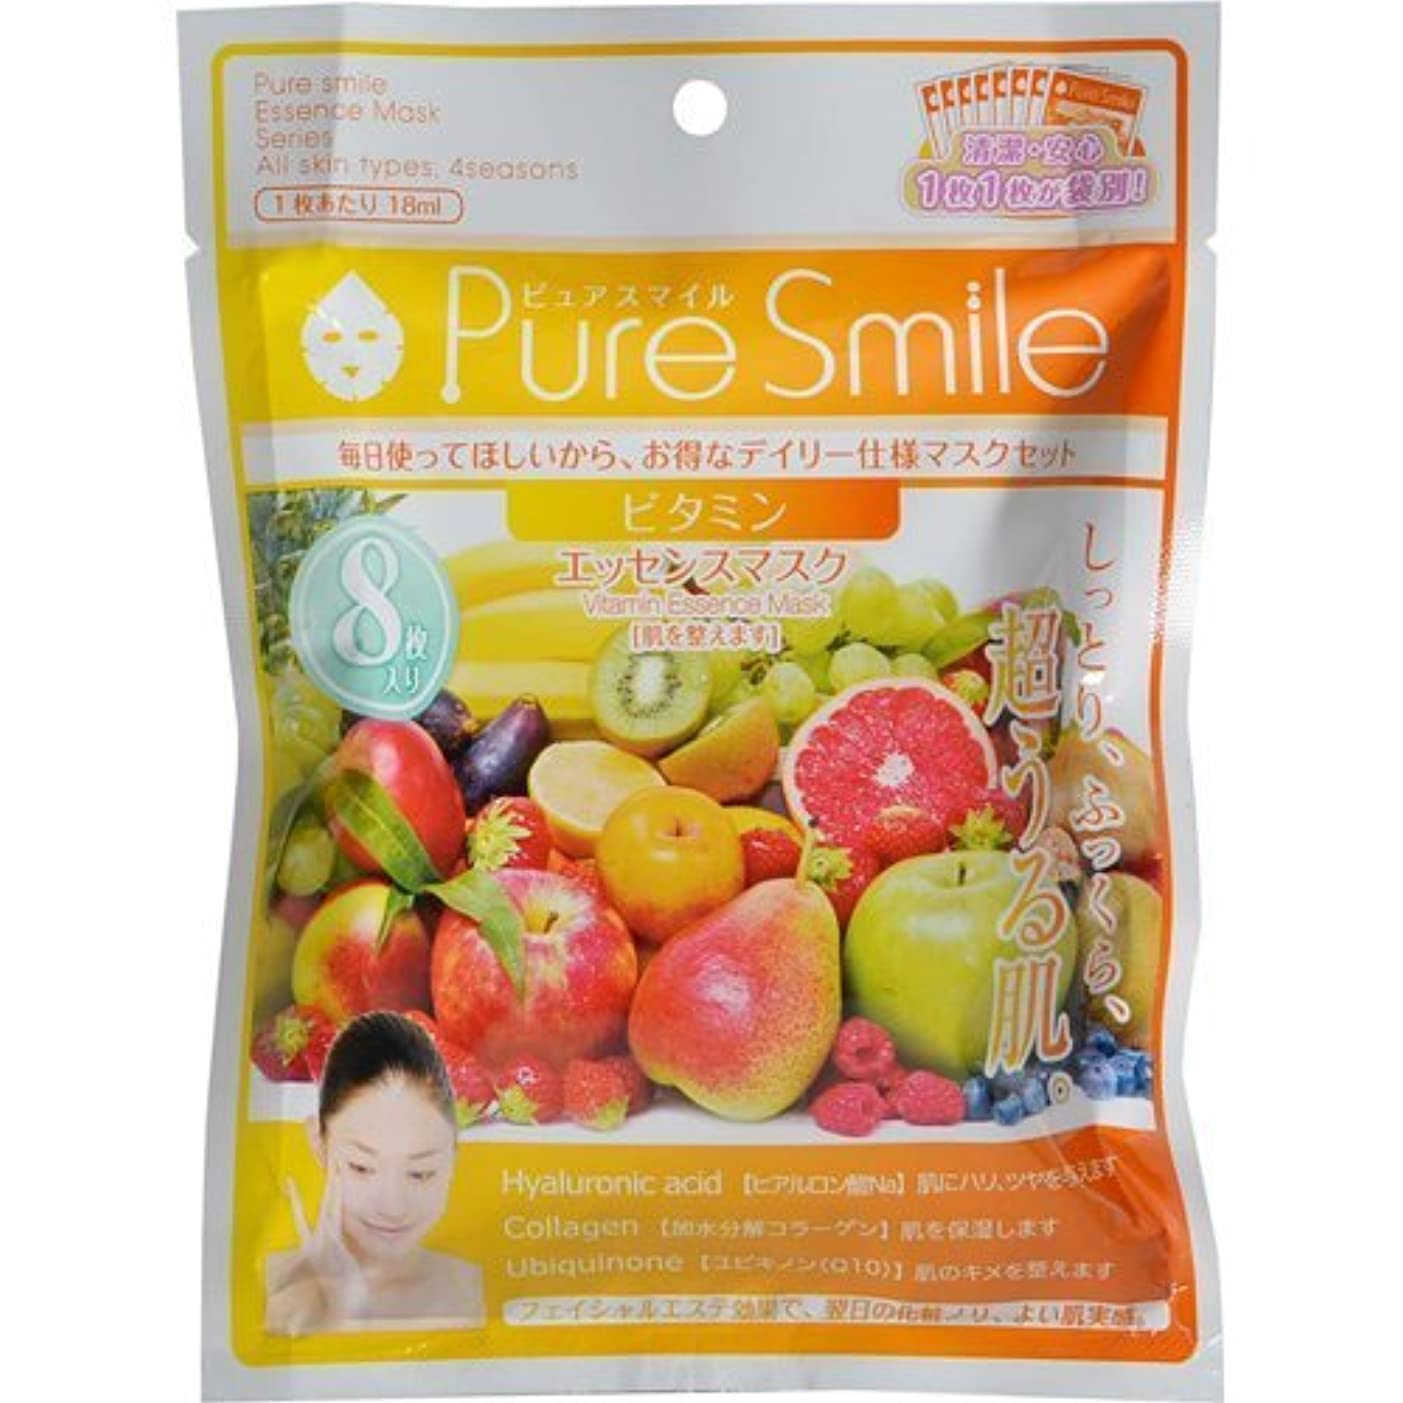 もう一度幻想的カジュアルPure Smile エッセンスマスク8枚セット ビタミン 8枚